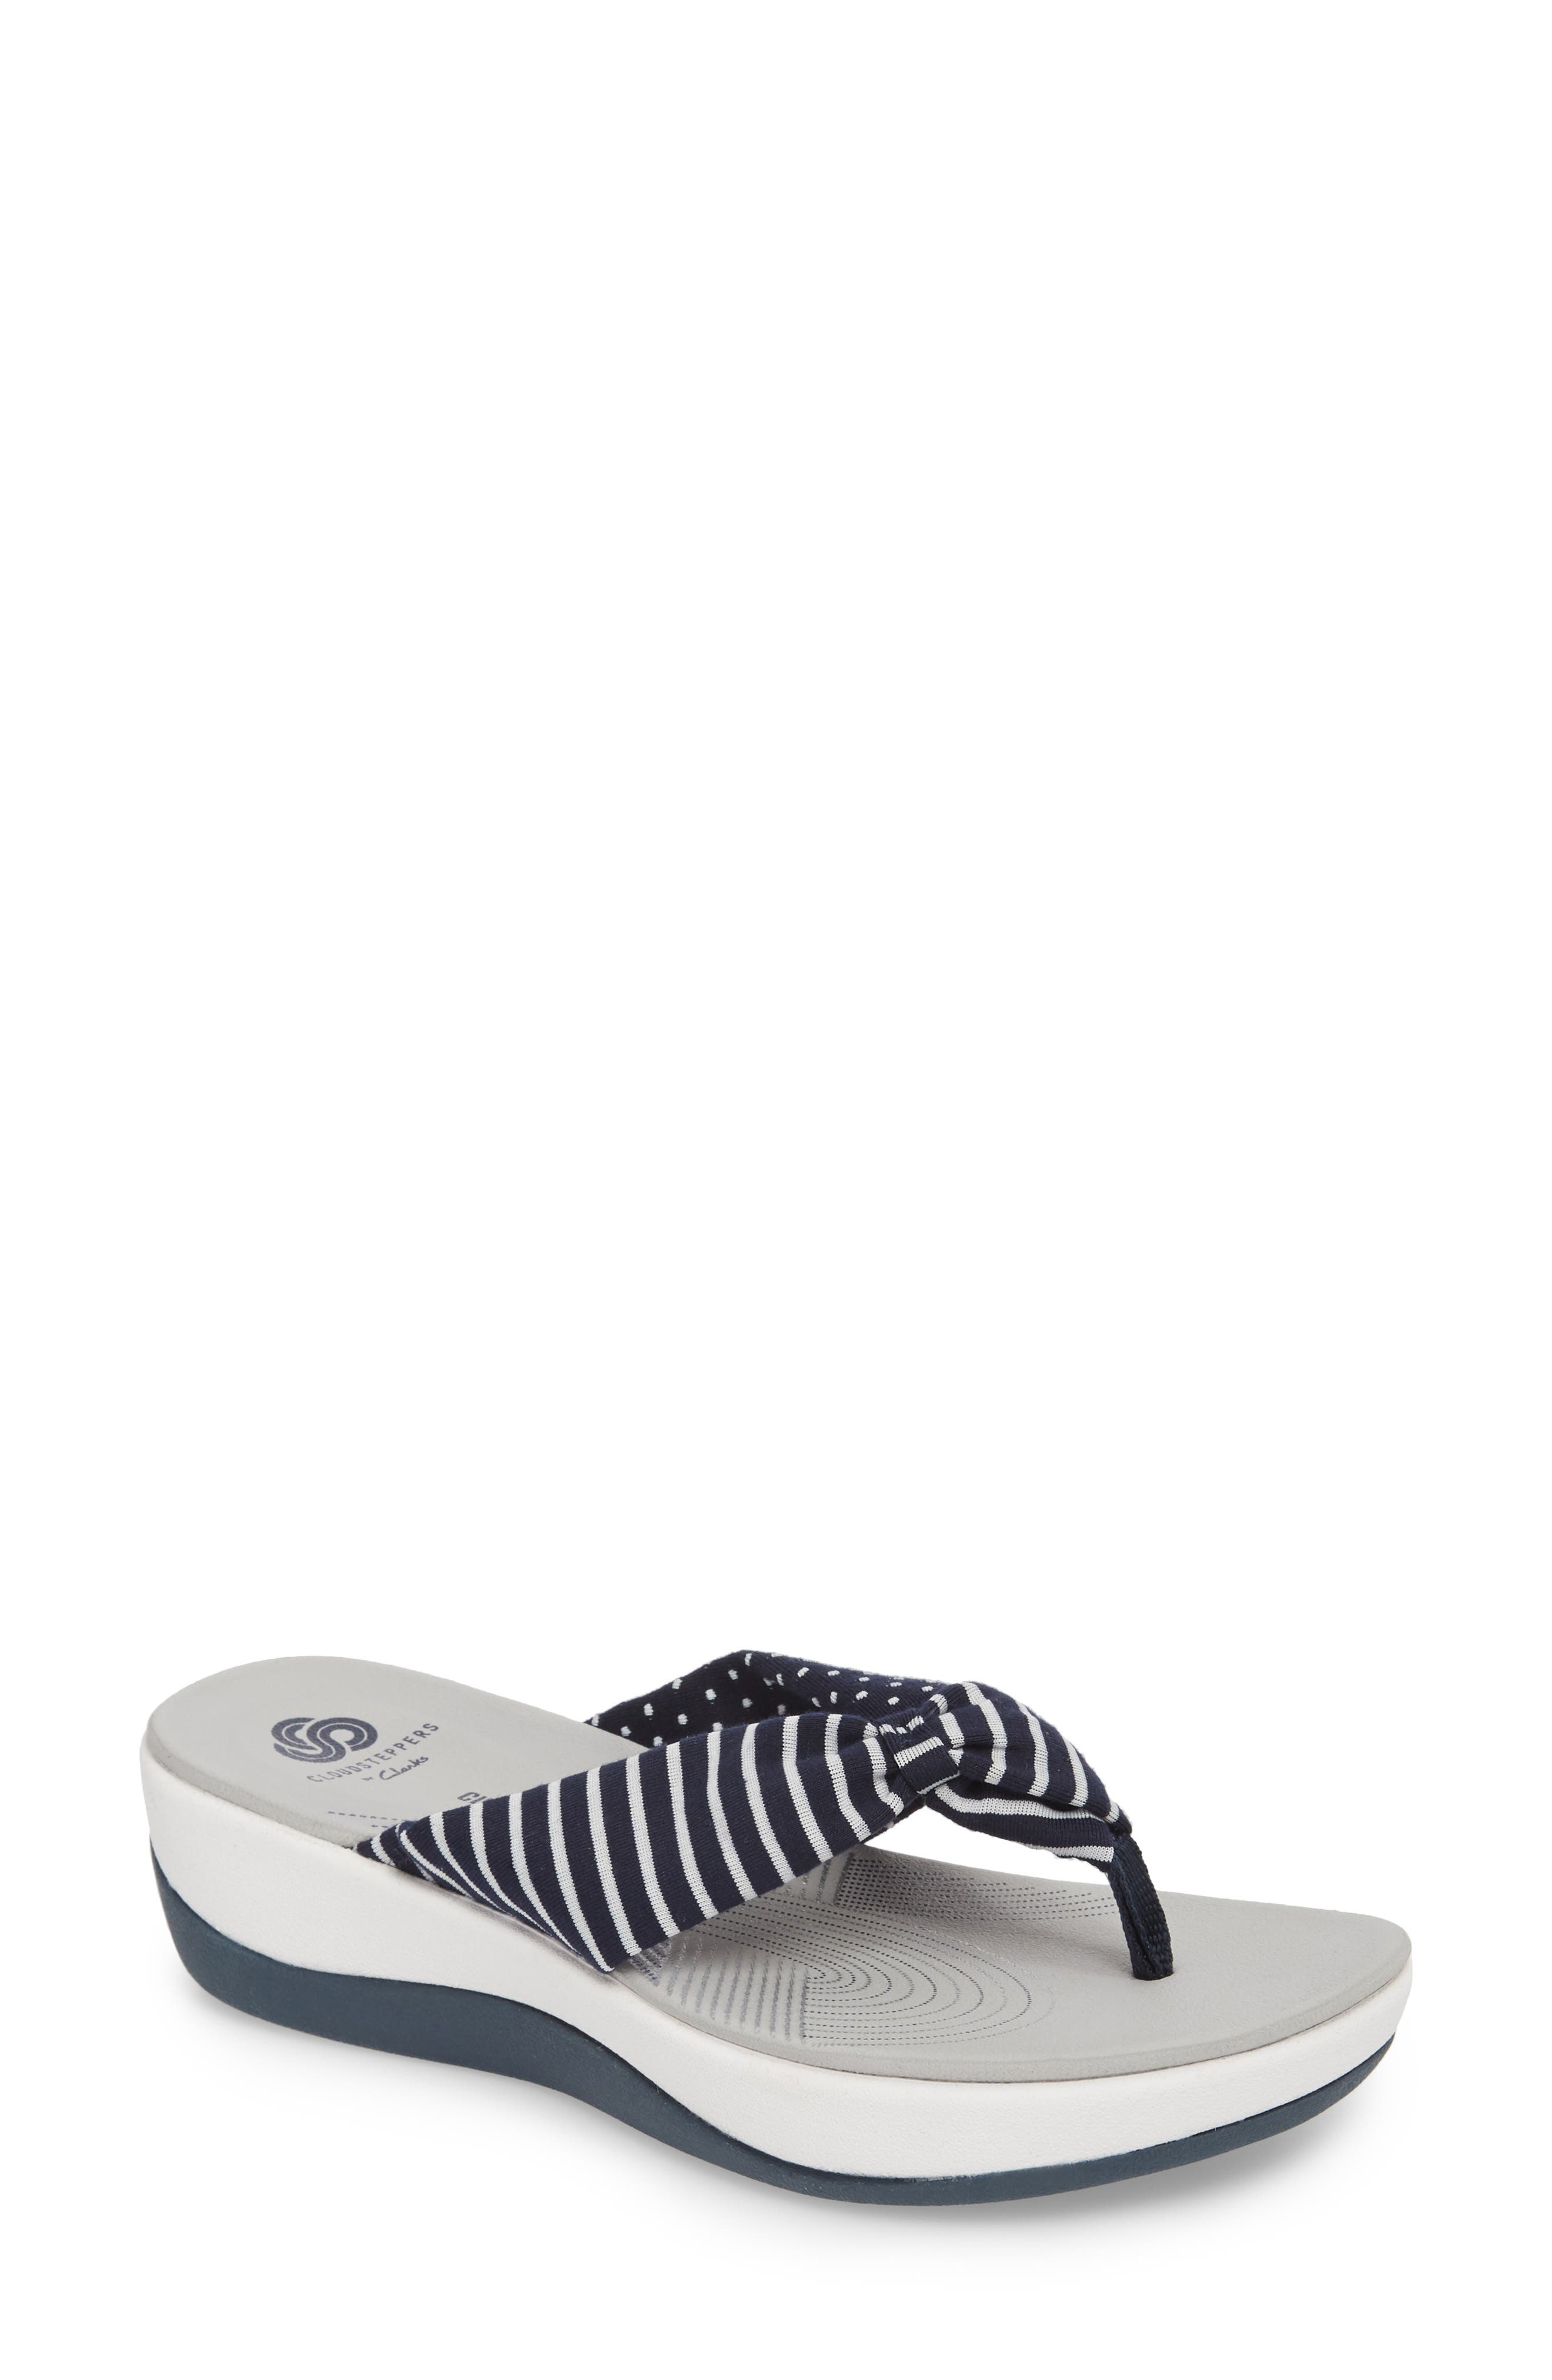 Arla Glison Flip Flop,                         Main,                         color, Navy Fabric